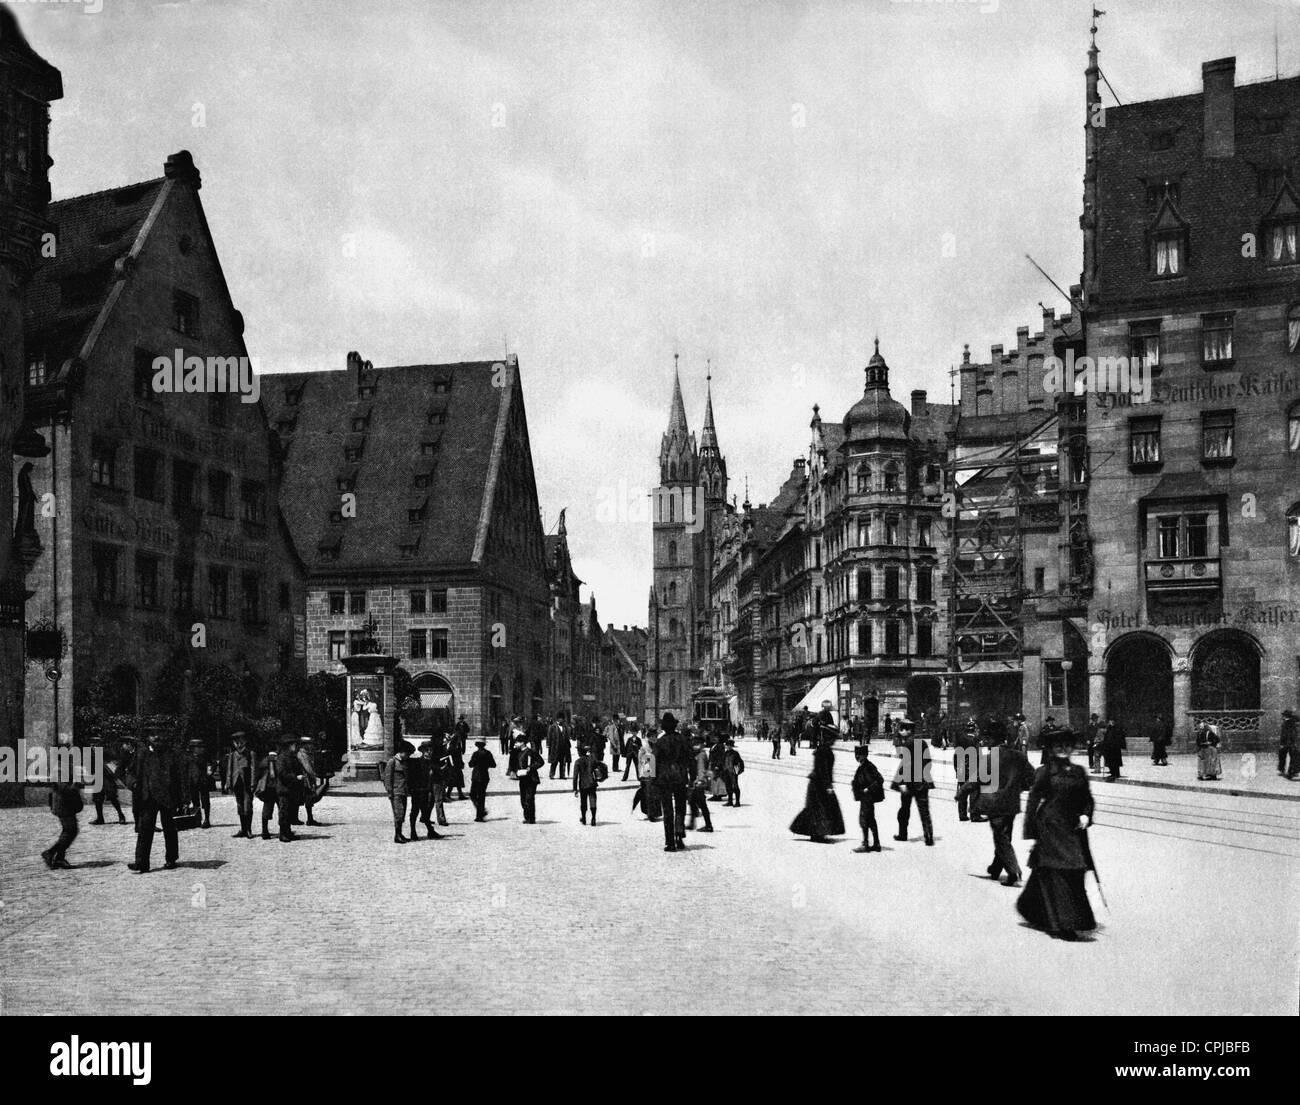 Koenig Street in Nuremberg - Stock Image